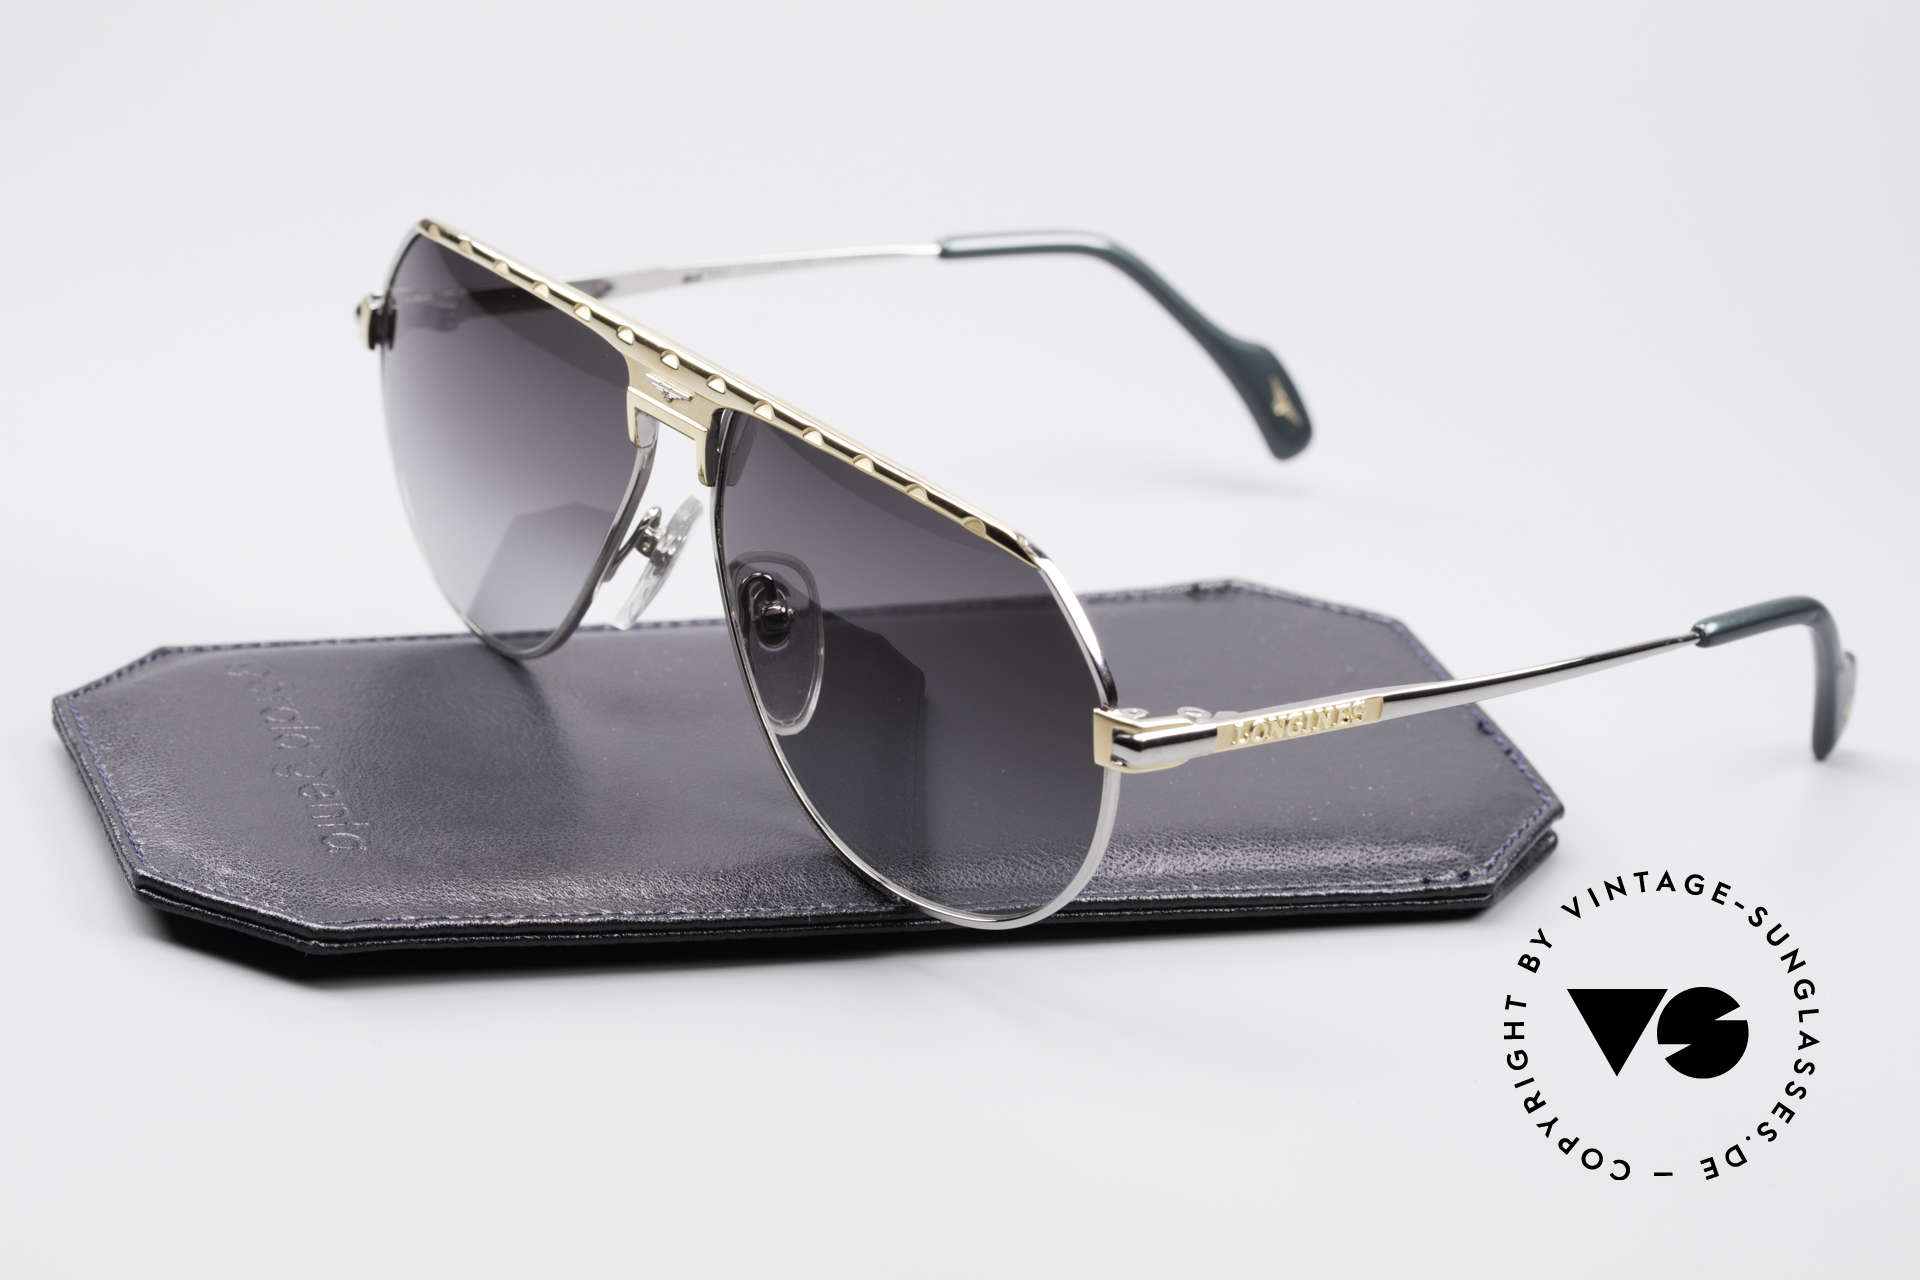 Longines 0151 80er Titanium Sonnenbrille, ungetragen (wie alle unsere vintage Longines Brillen), Passend für Herren